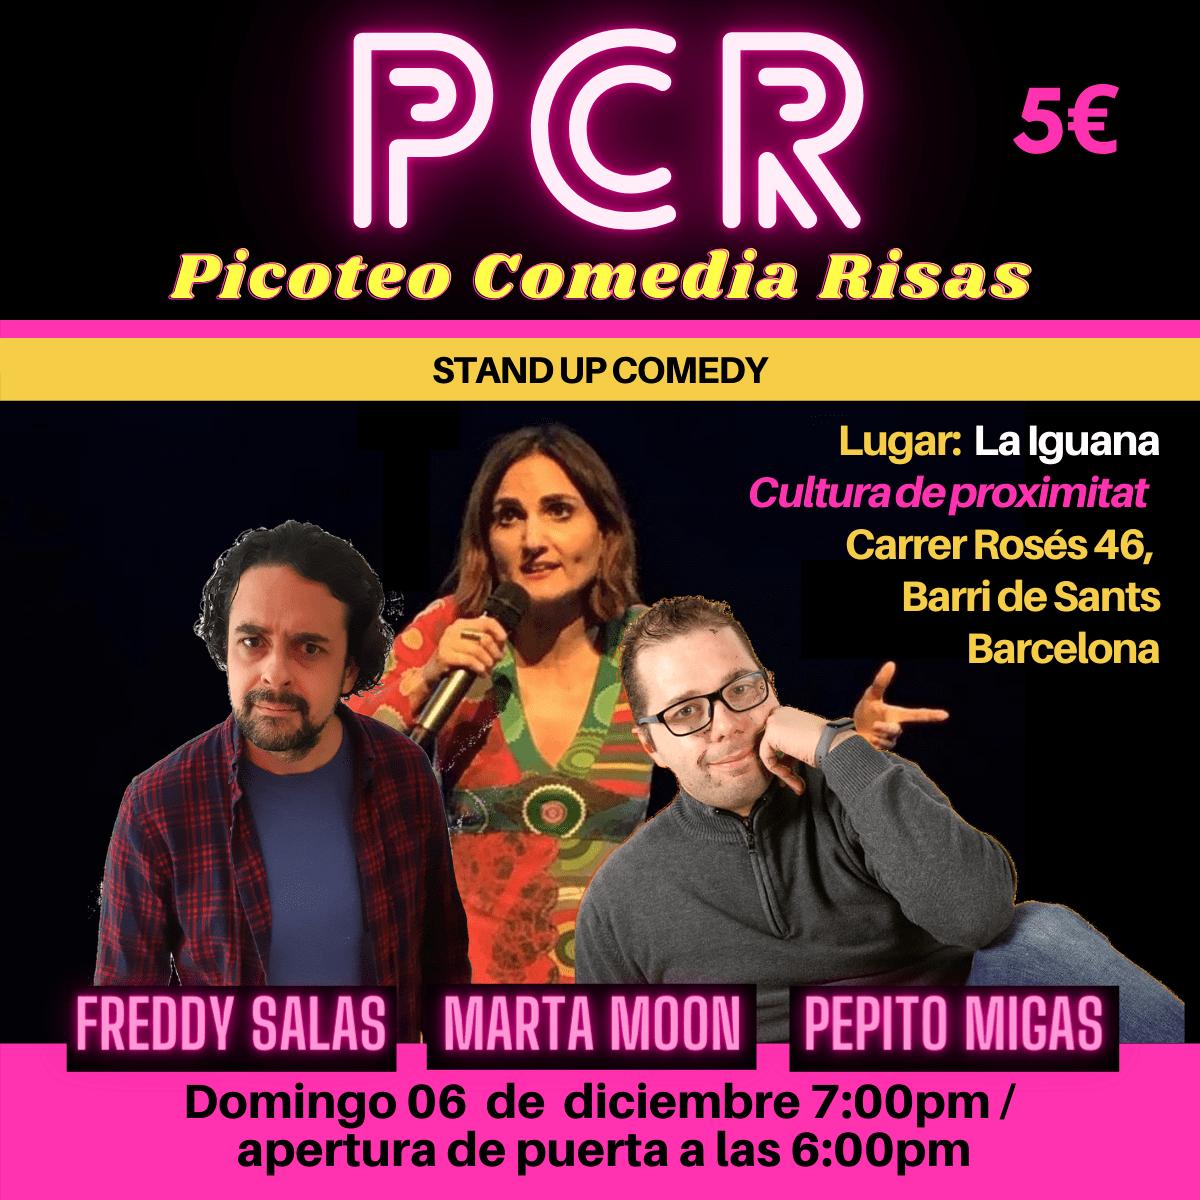 PCR Picoteo Comedia Risas Stand Up Comedy 06-12-20